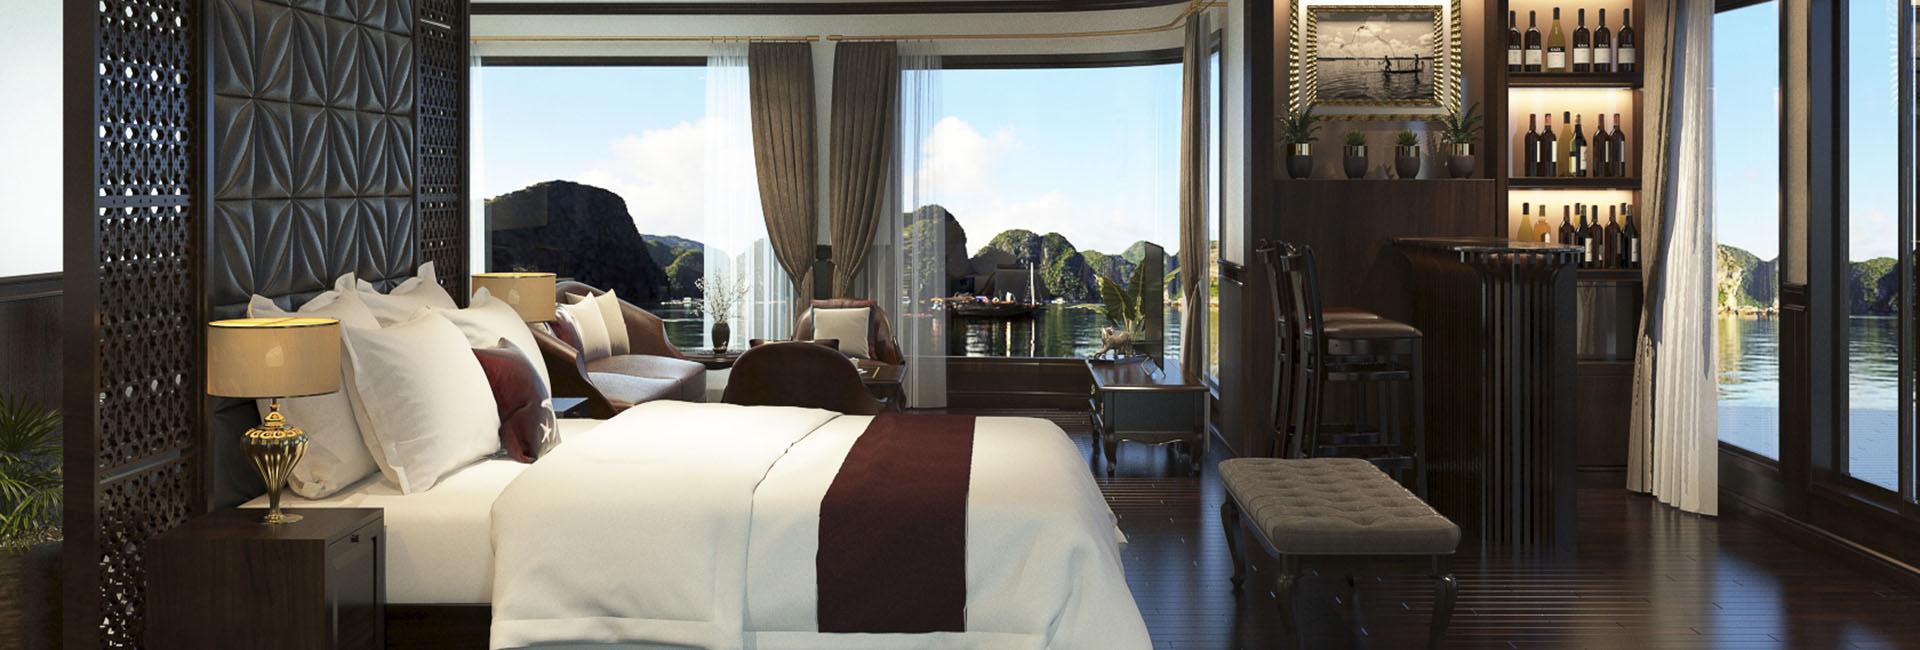 Sealife Legend Cruise 5 Star banner